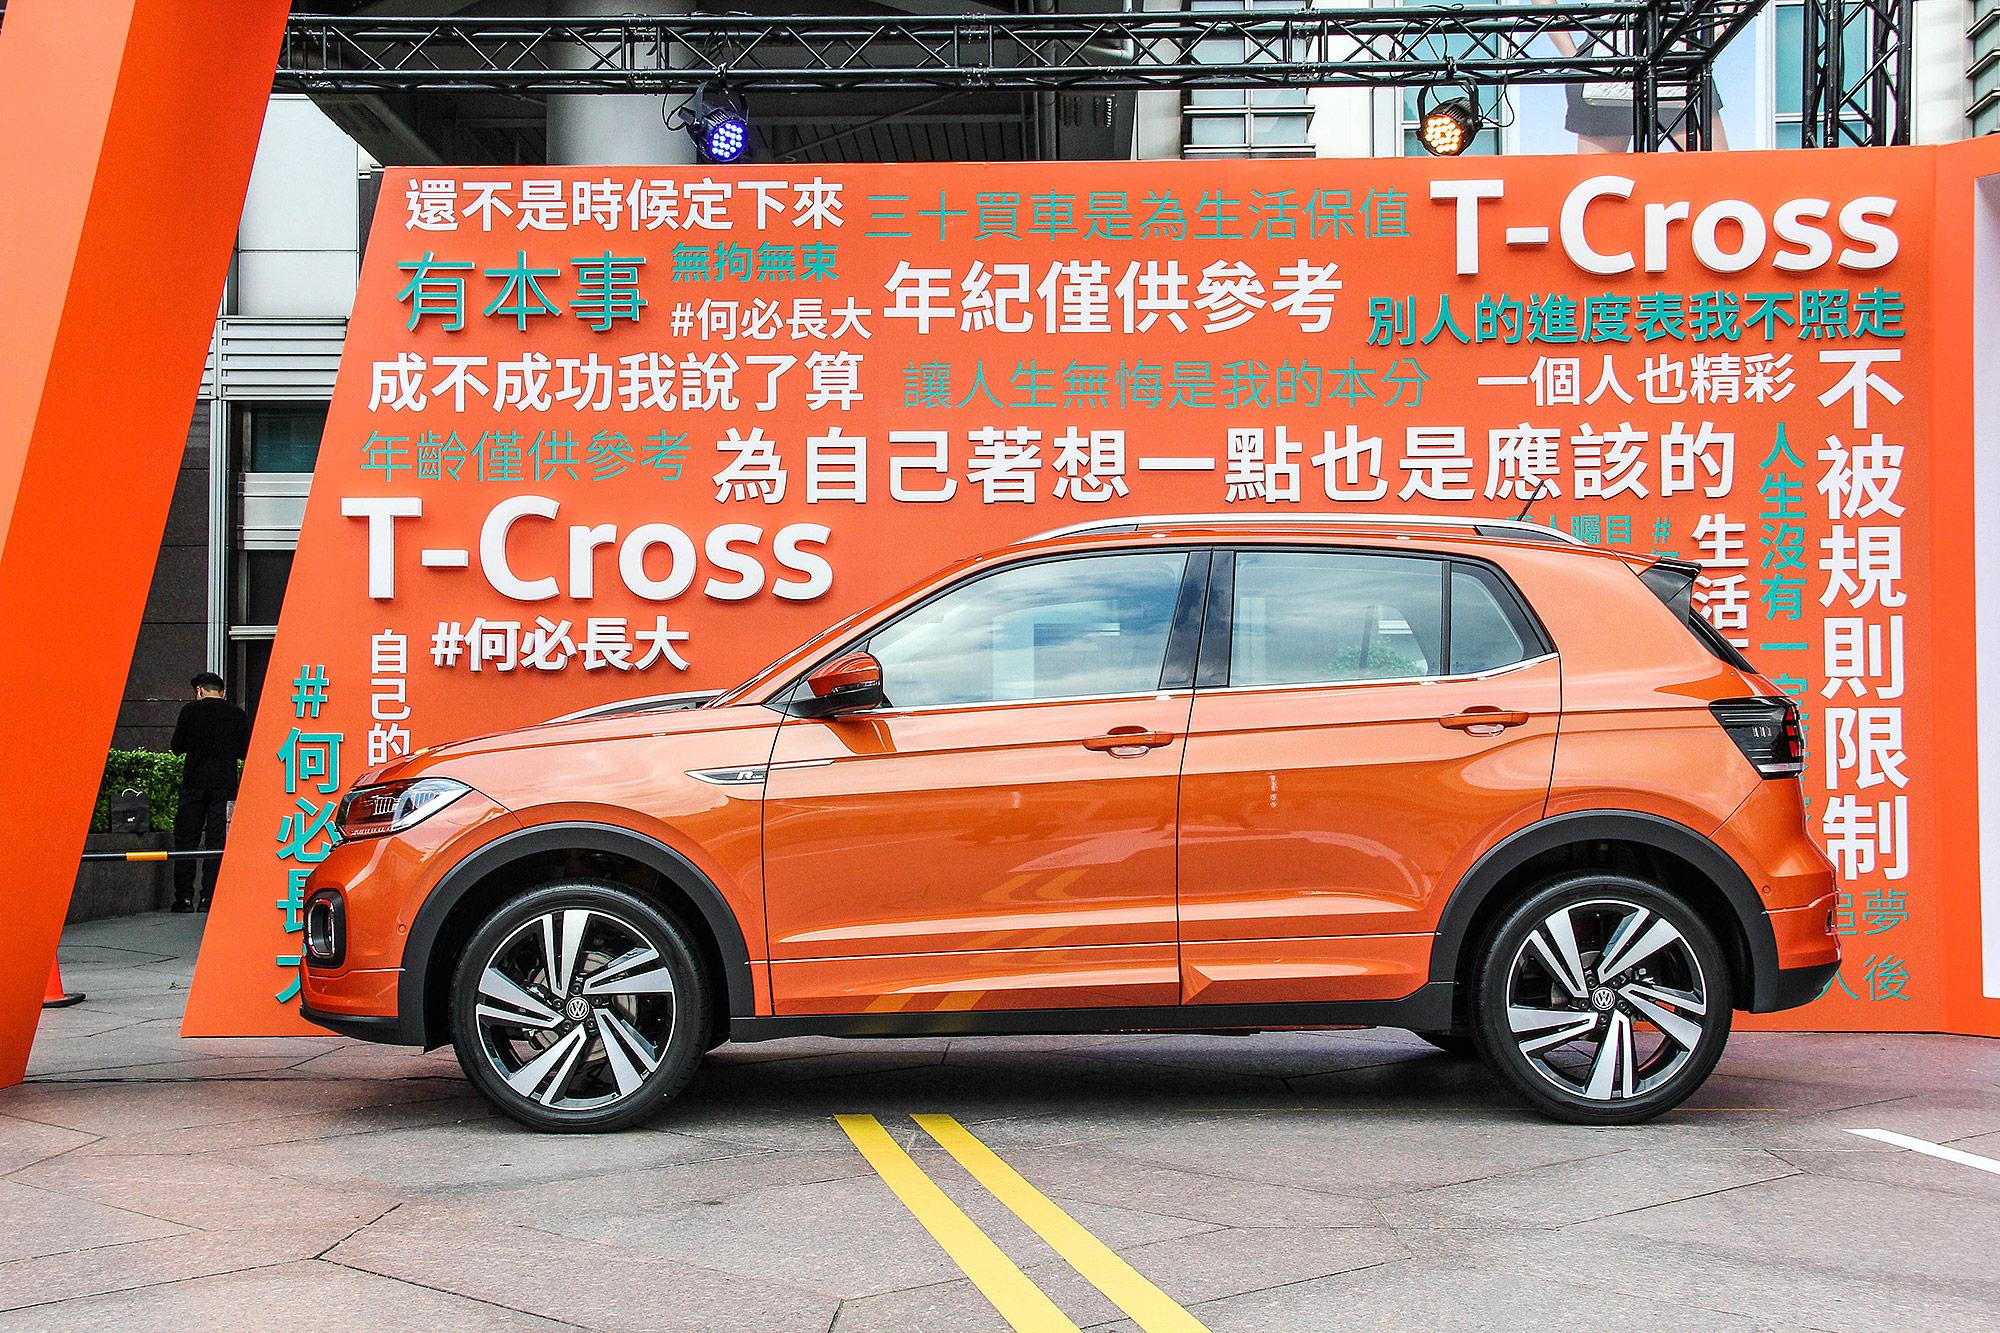 T-Cross 屬於小型跨界休旅級距。